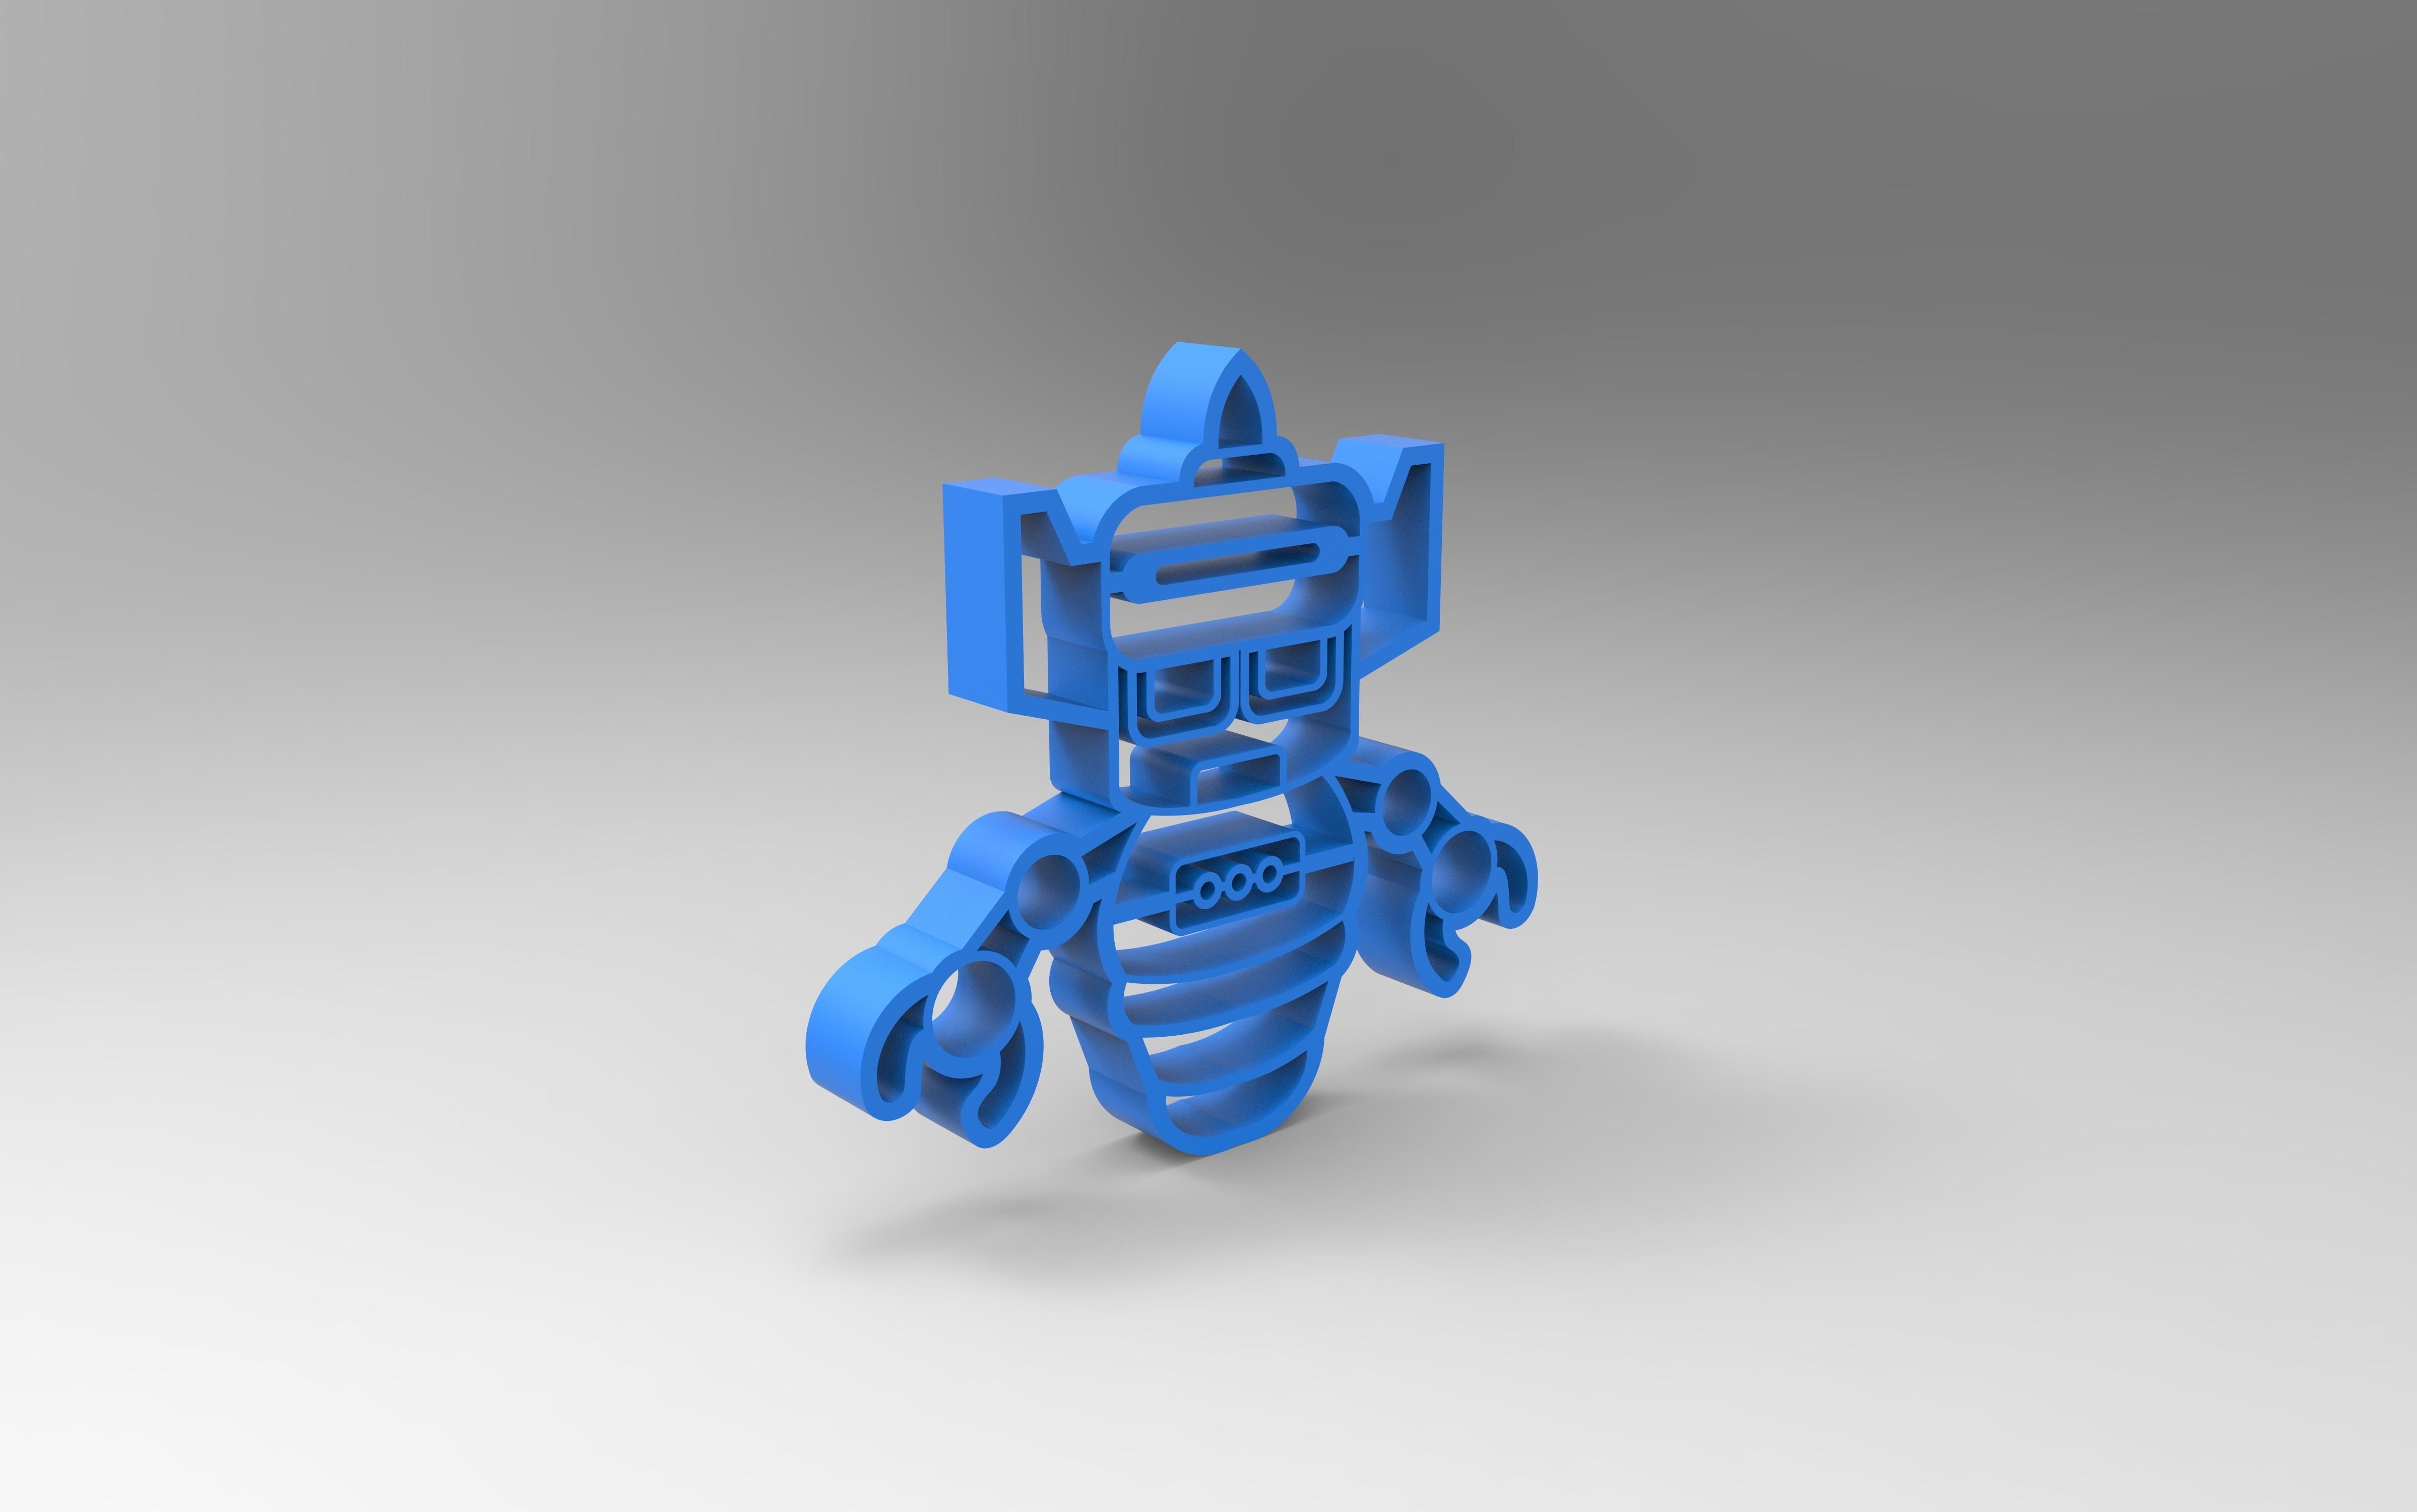 rendyu.jpg Télécharger fichier STL gratuit Porte clef • Design pour impression 3D, GuilhemPerroud